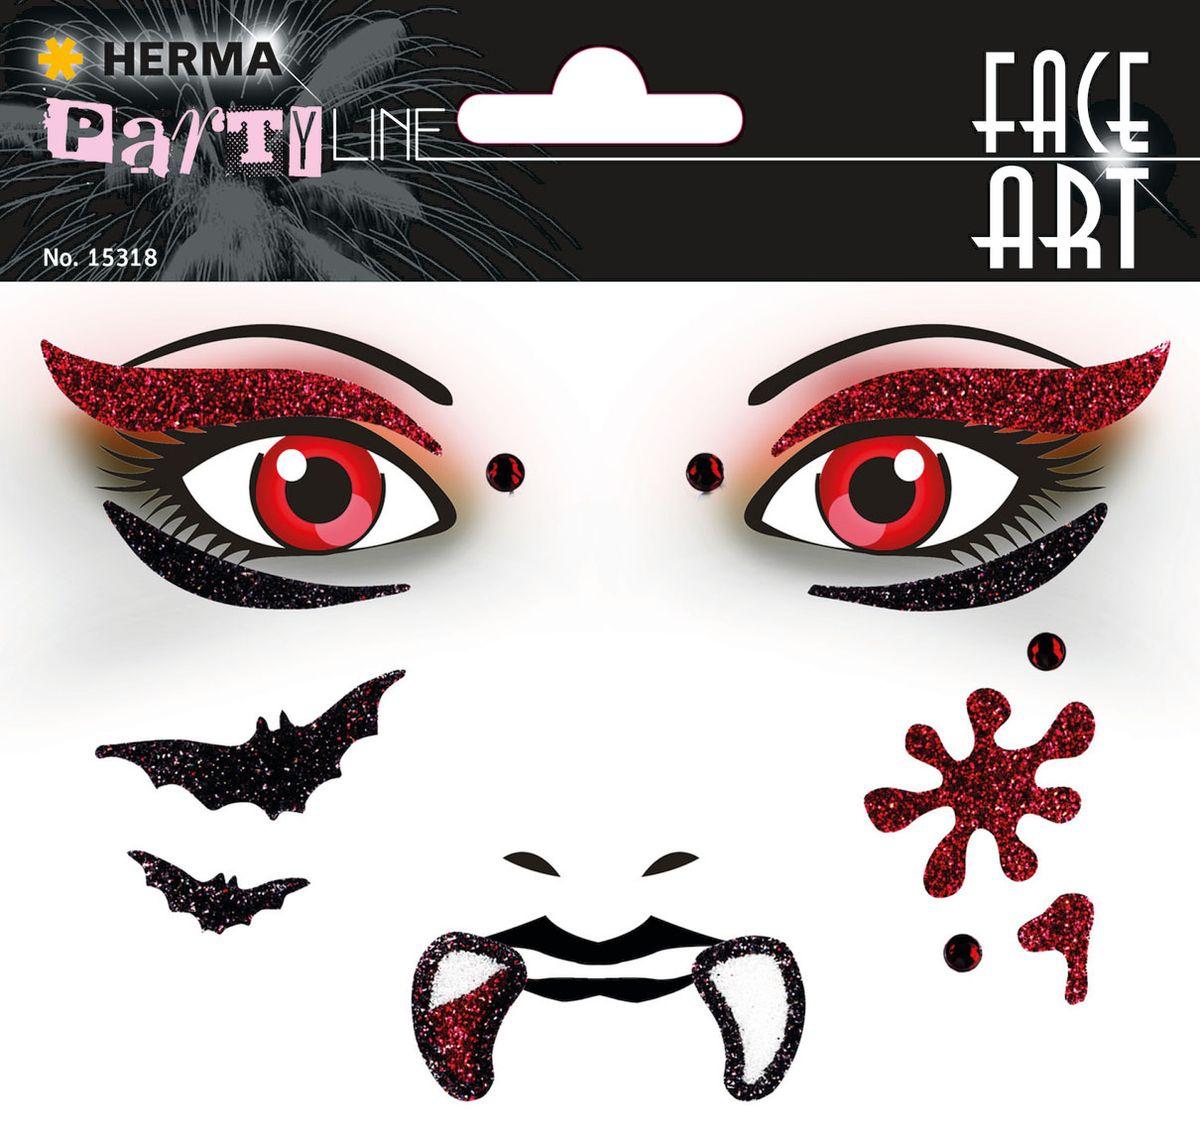 Herma Наклейки на лицо Face Art Vampire (Вампир)15318Face Art (фэйсарт) – это новое направления творчества и искусства. В последнее время фэйсарт стал достаточно популярным и востребованным направлением творчества. Что такое - фэйс арт, это искусство рисования разноцветными красками на лице. Face Art decor от Herma - это серия наклеек для фэйс арта с наиболее популярными мотивами. Face Art decor от Herma - это гламурно, стильно и ярко! Наклейки прошли дерматологические испытания. Инструкция: 1. Аккуратно снимите наклейку и наклейте на лицо. 2. Можно завершить образ с помощью макияжа. 3. Наклейка легко снимается, аккуратно удалите наклейку с лица и умойте лицо водой. 4. Не подходит для чувствительной кожи.